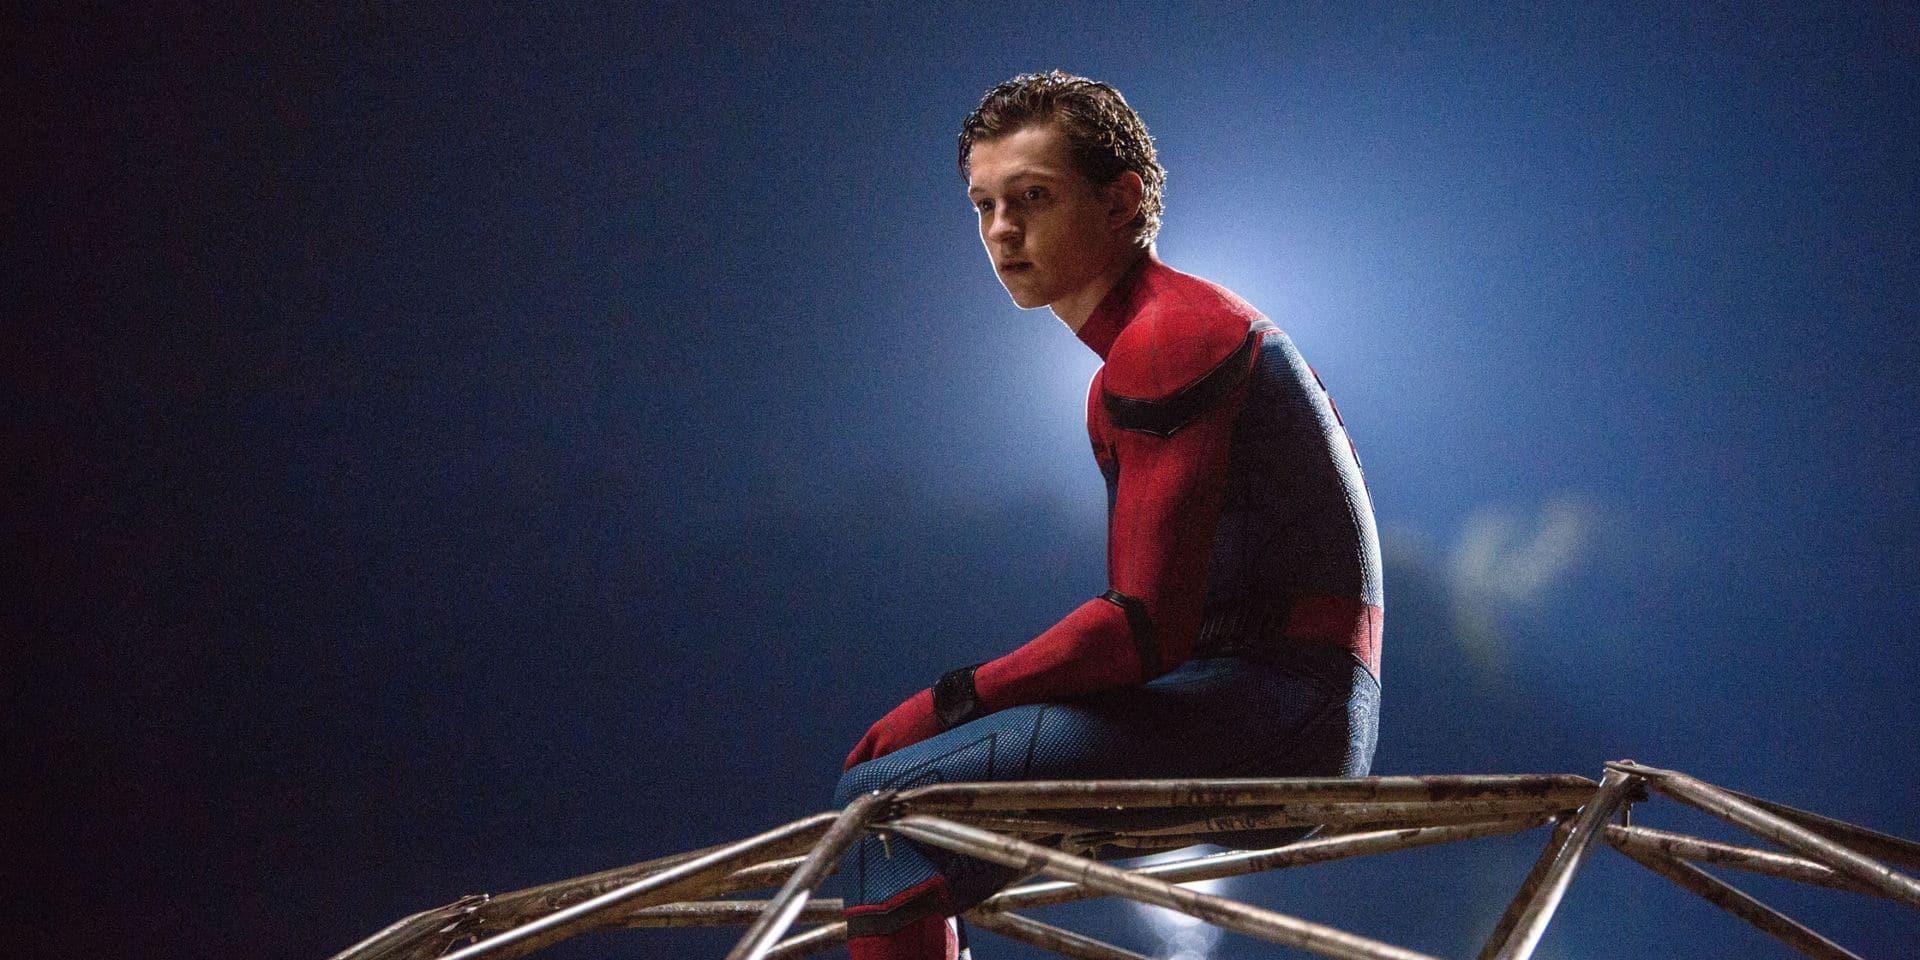 """Tom Holland, alias Spider Man, dans la Toile de nos questions : """"au fond de moi, je sais que je manque encore de confiance"""""""